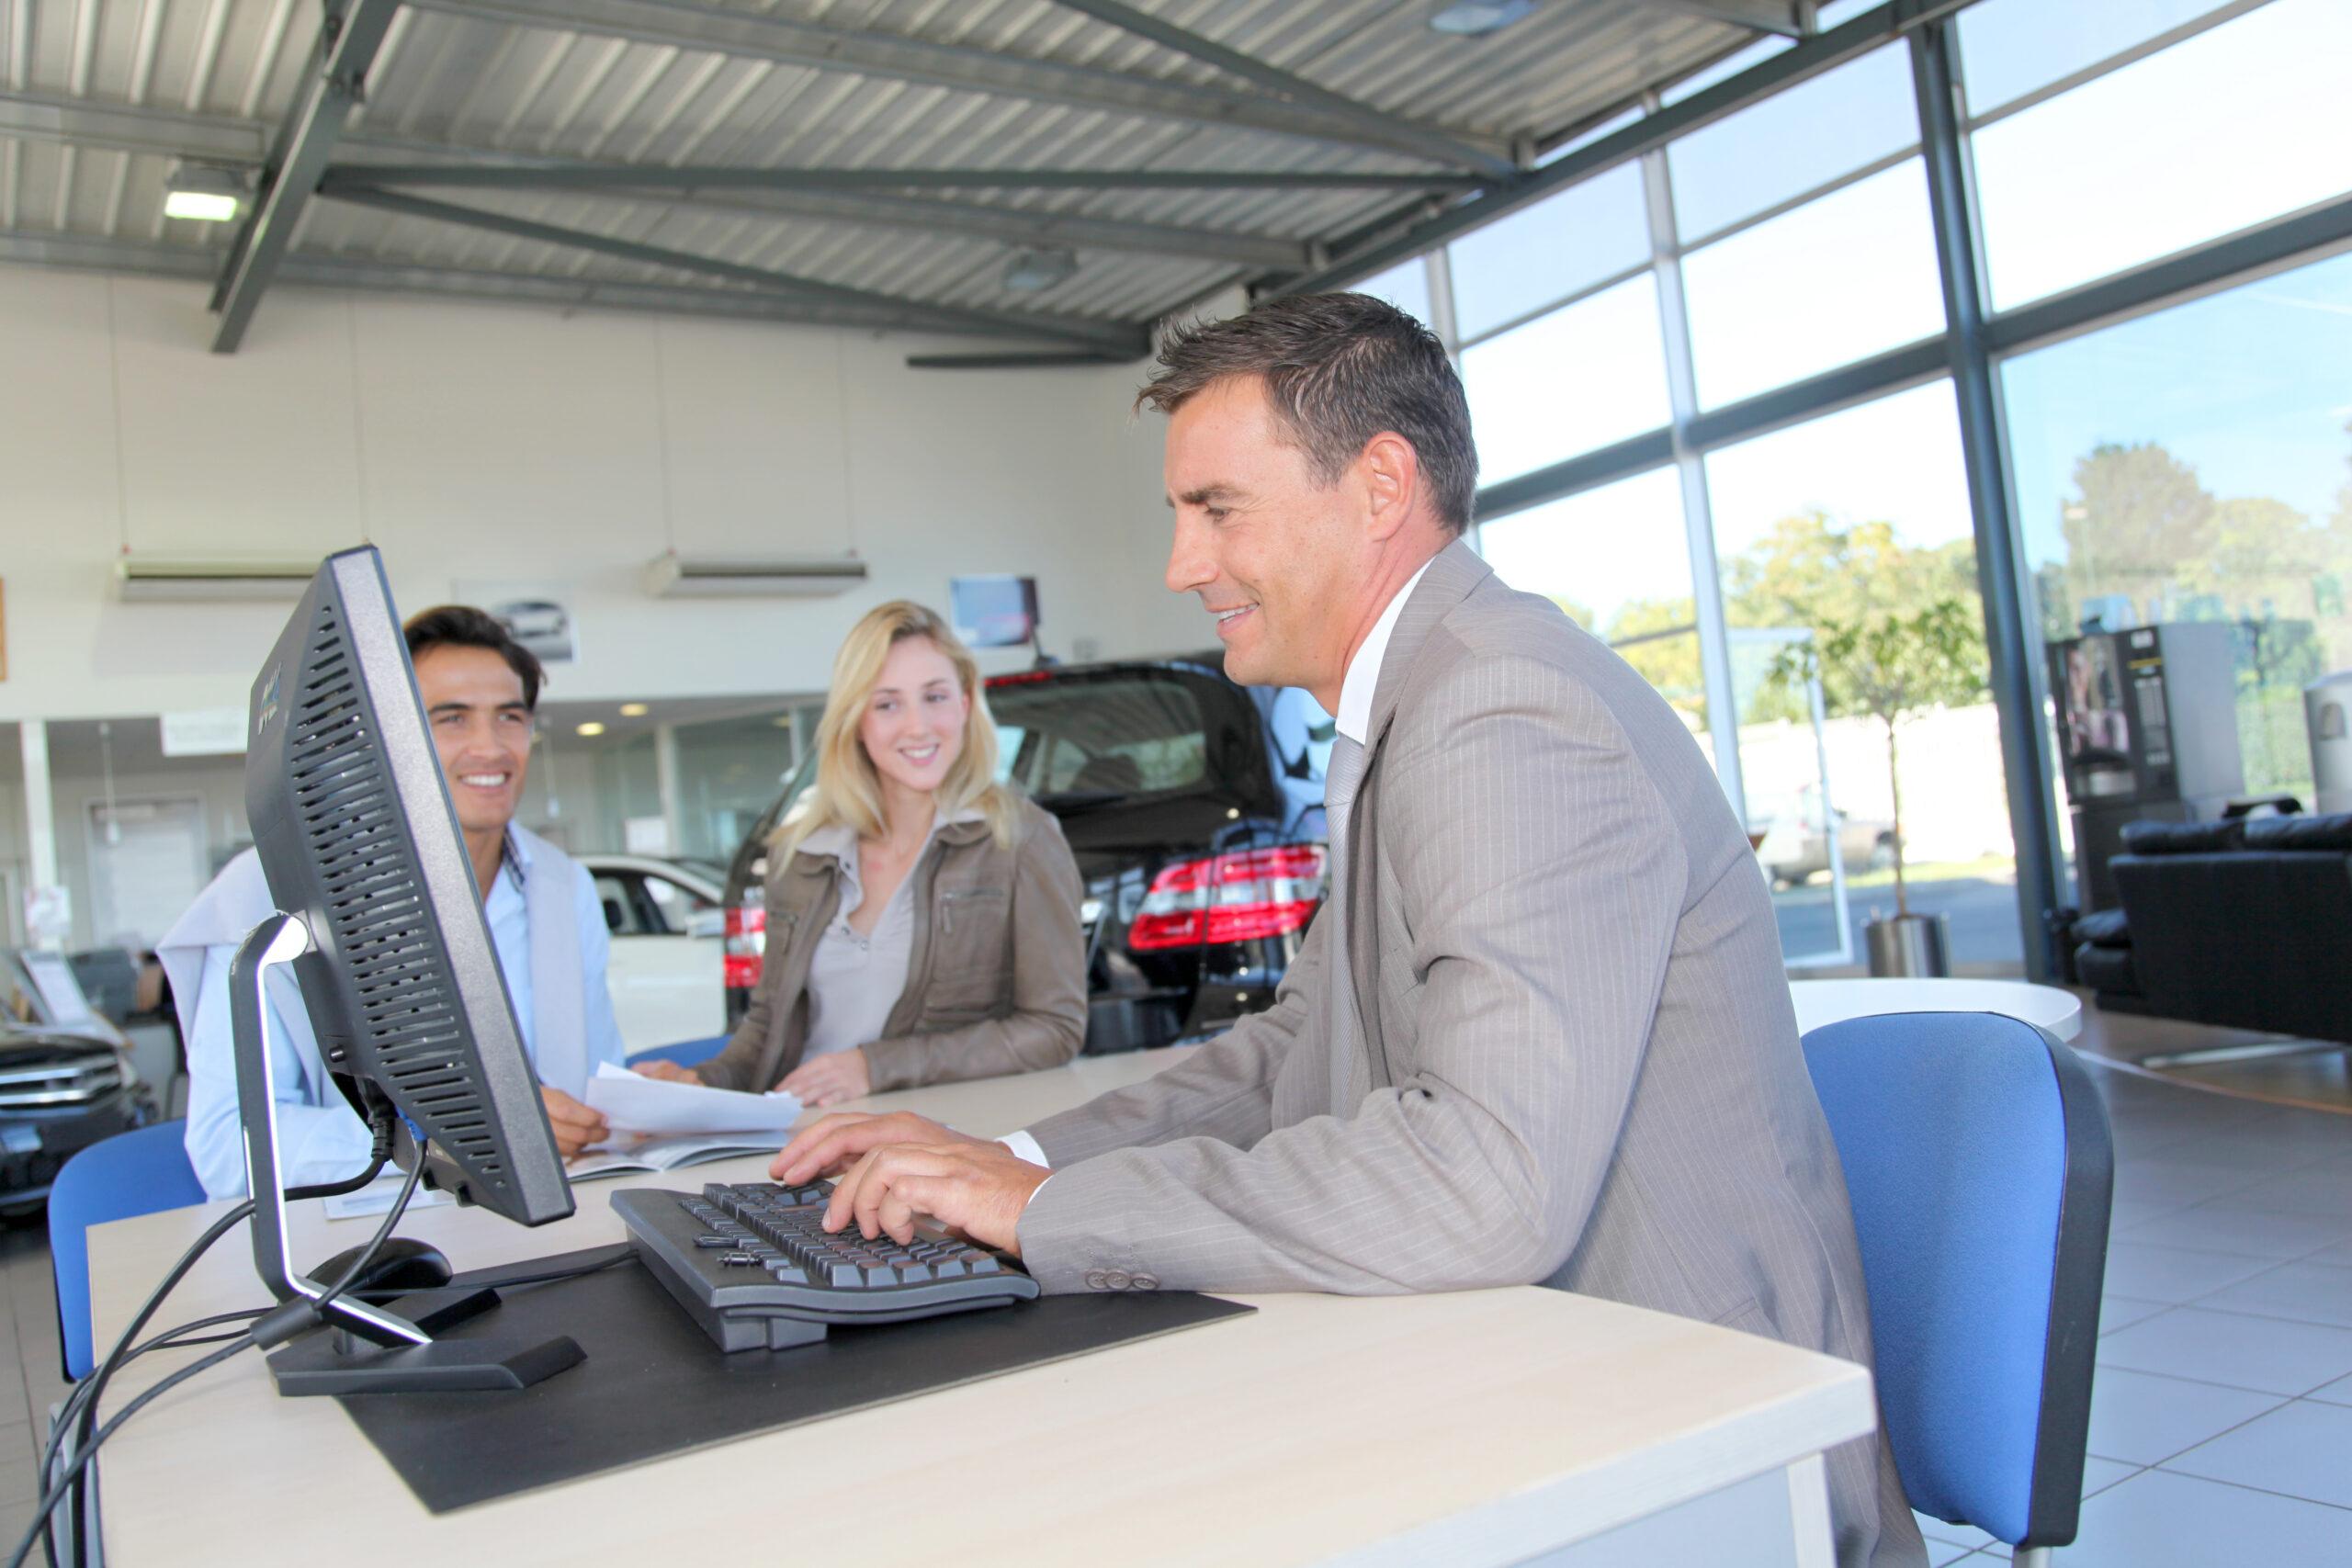 jeunes adultes acheteur concessionnaire automobile service à la clientèle